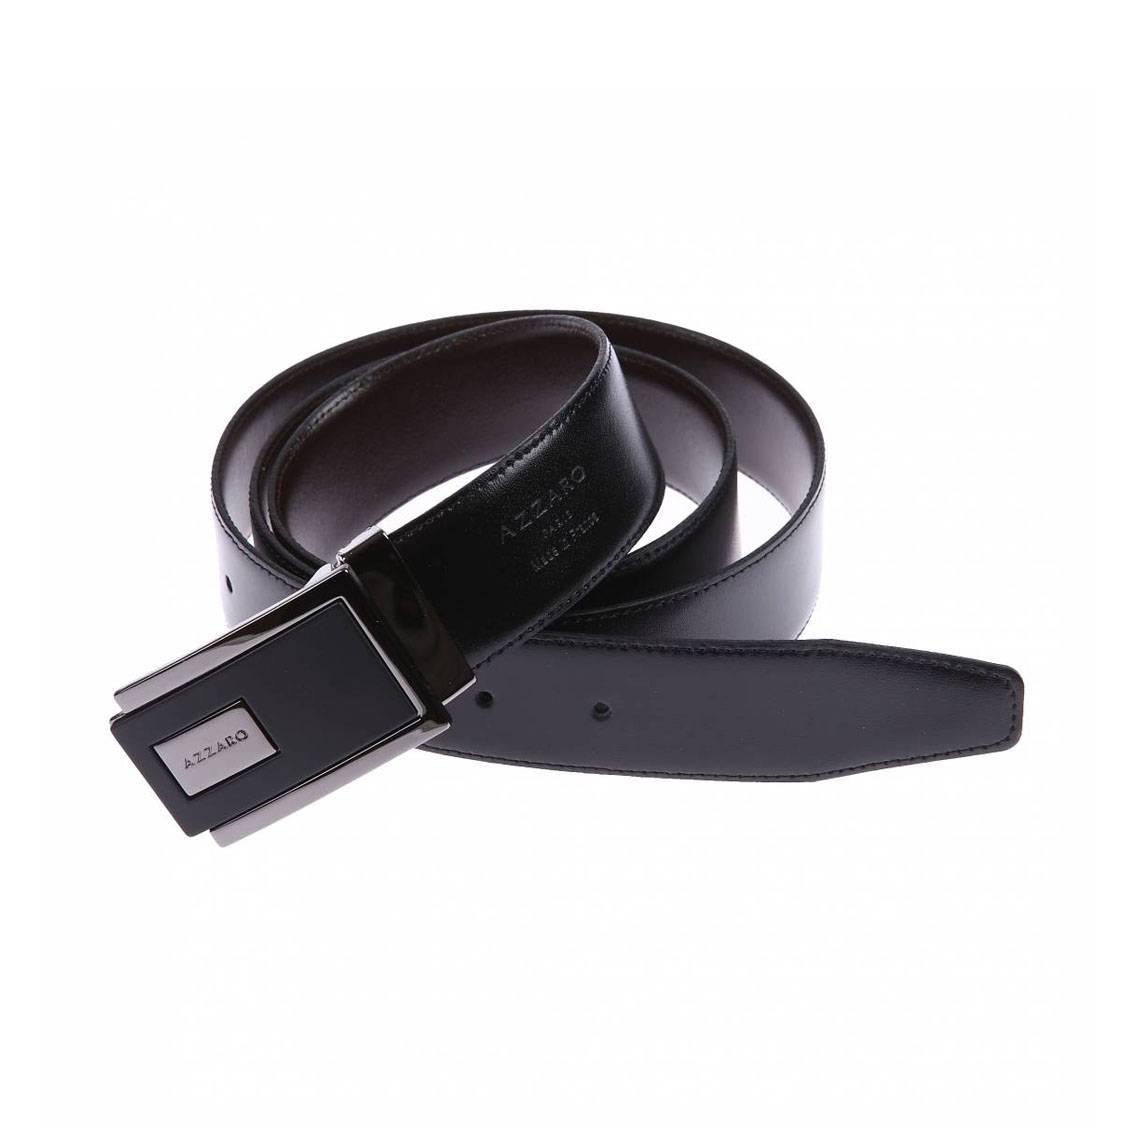 a9e4ba8e3801 Ceinture Azzaro ajustable en cuir noir réversible marron à boucle  rectangulaire bicolore